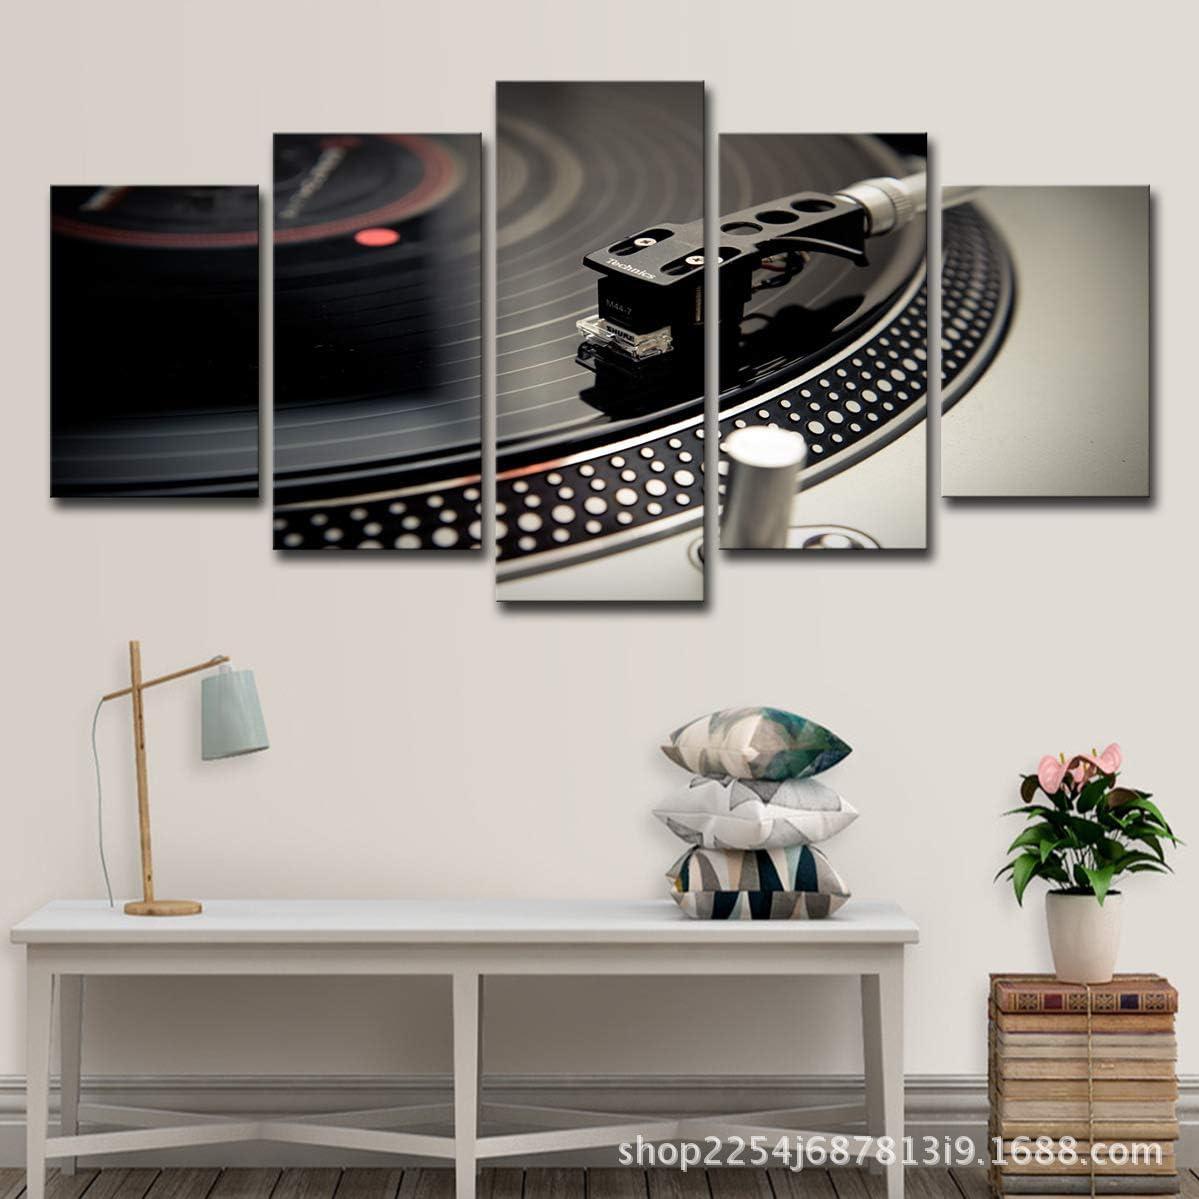 mbxztm Arte de la Lona Impresión en HD decoración del hogar Bar ...